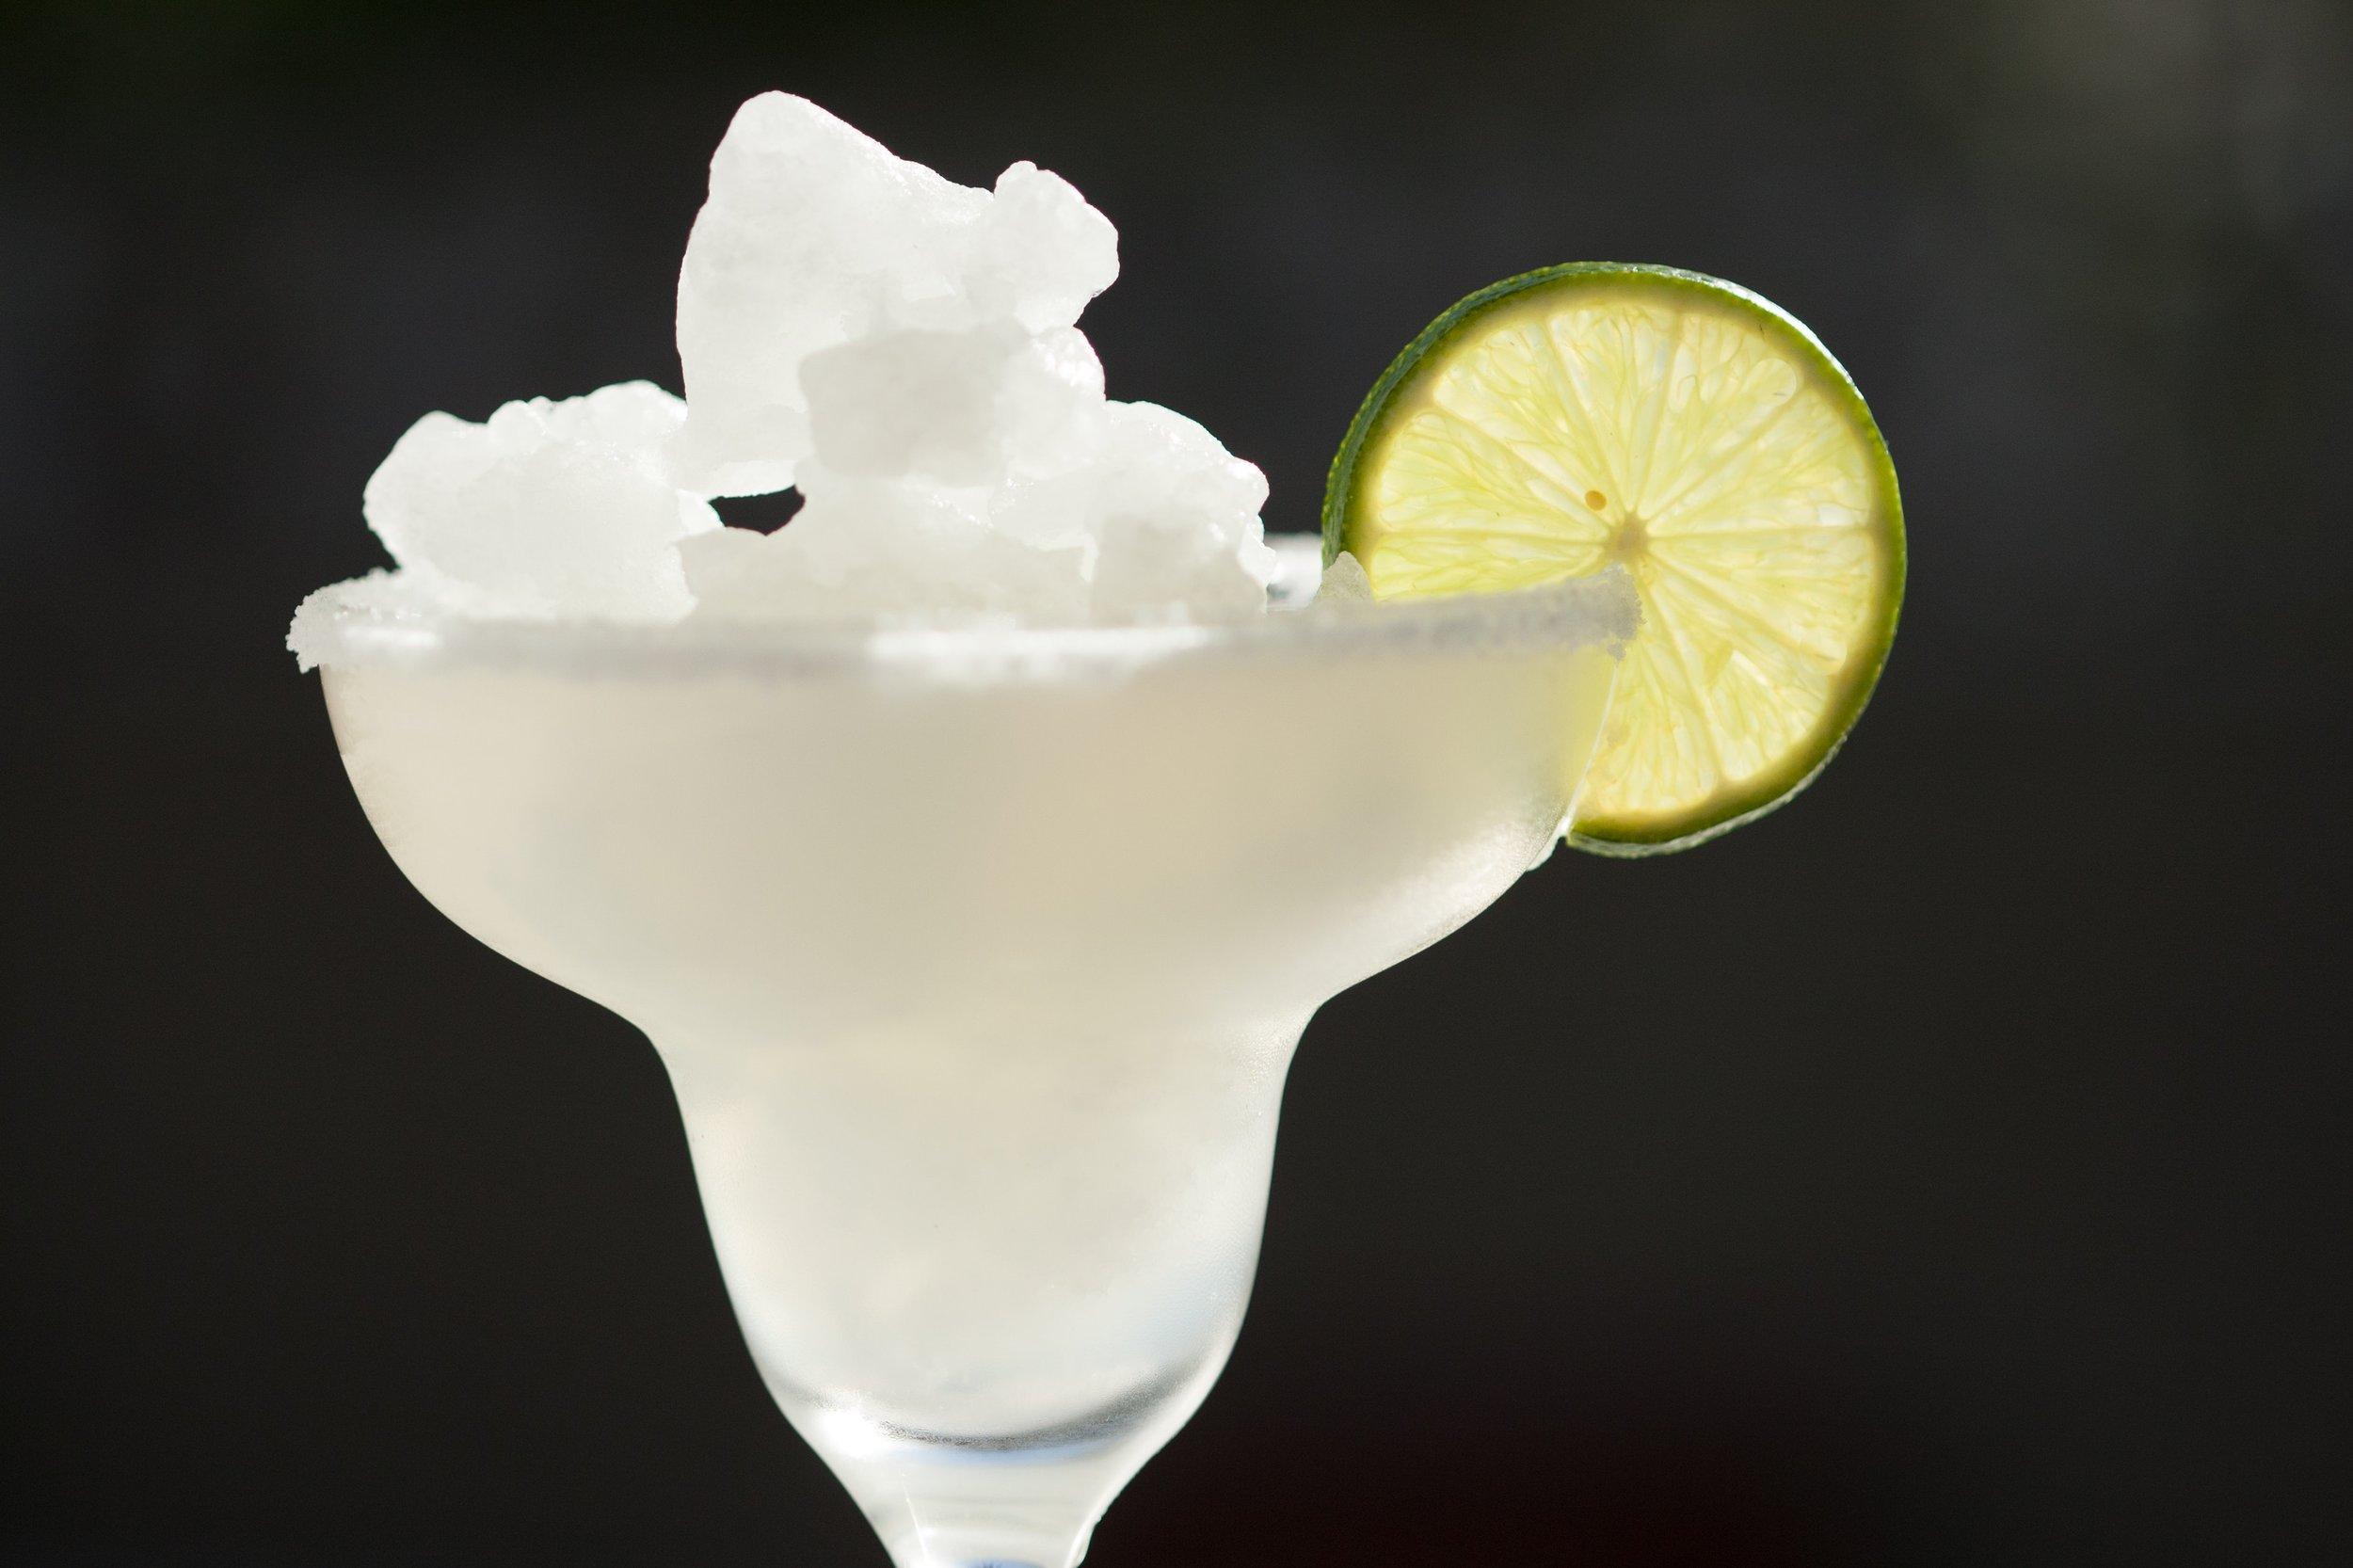 beverage-close-up-cocktail-1590151.jpg